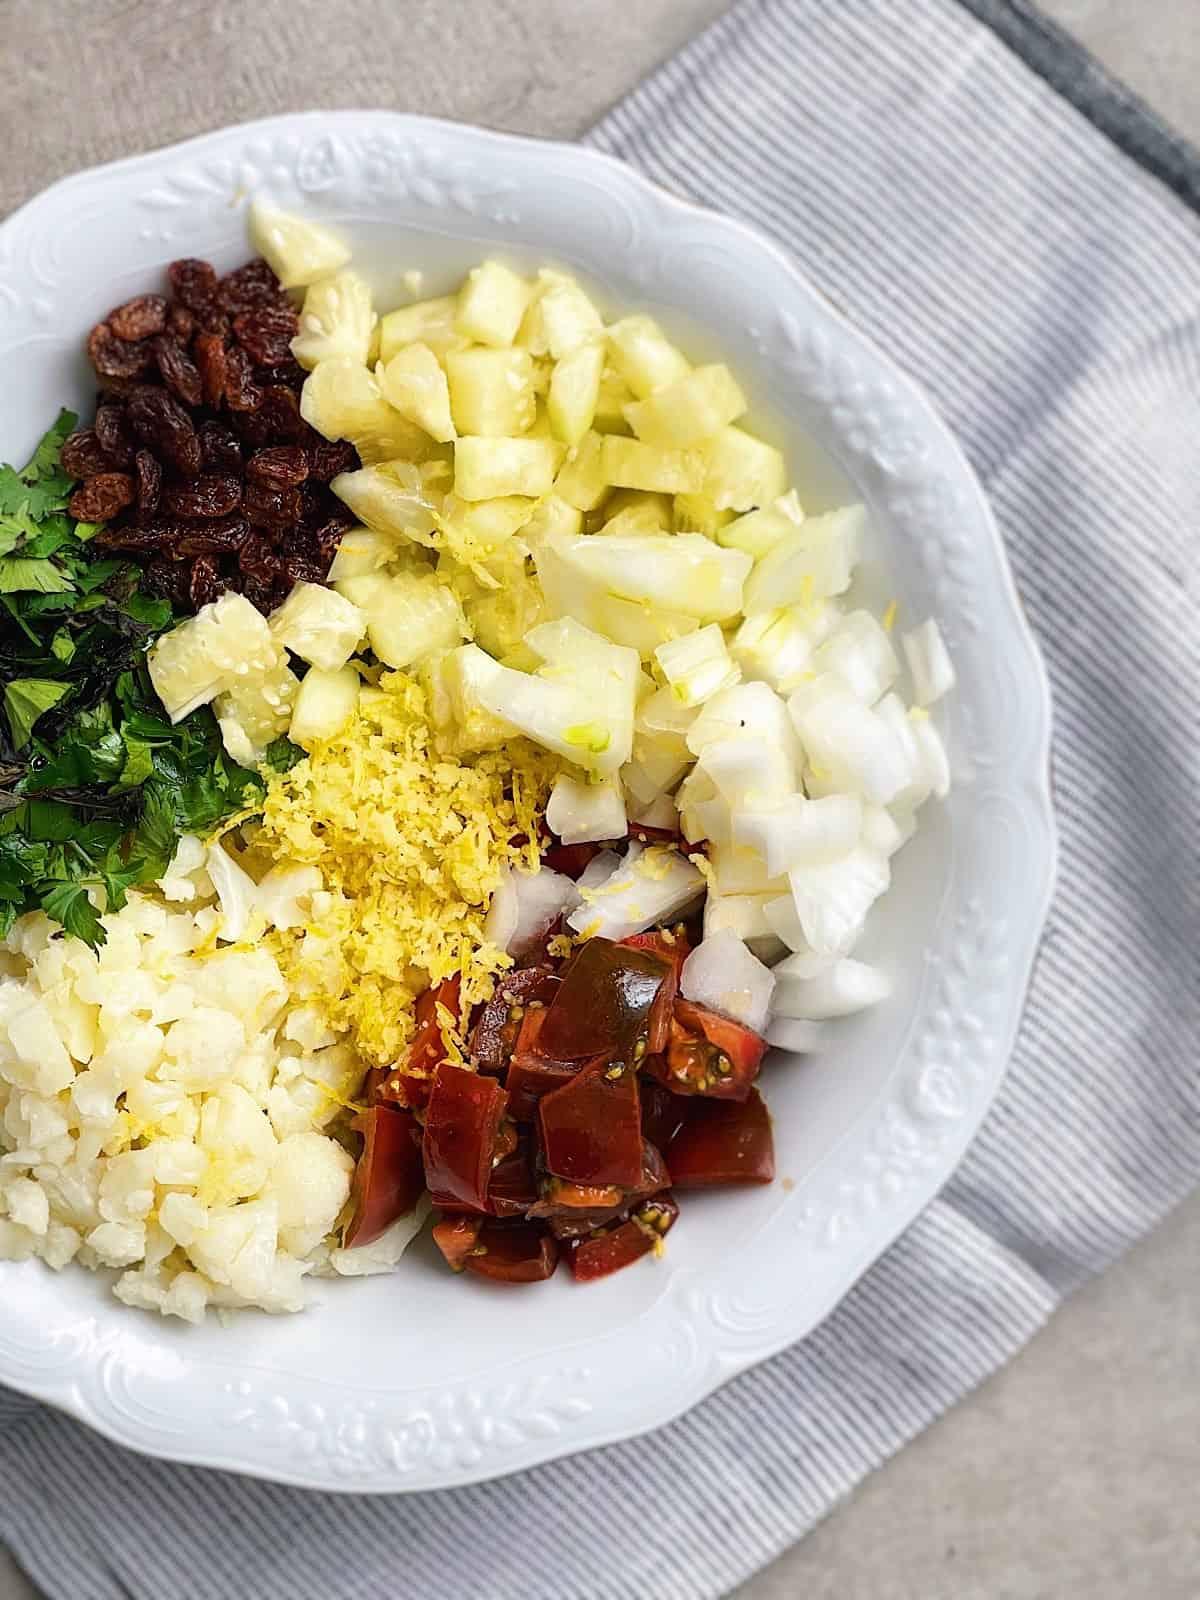 Tabule de coliflor y verduras